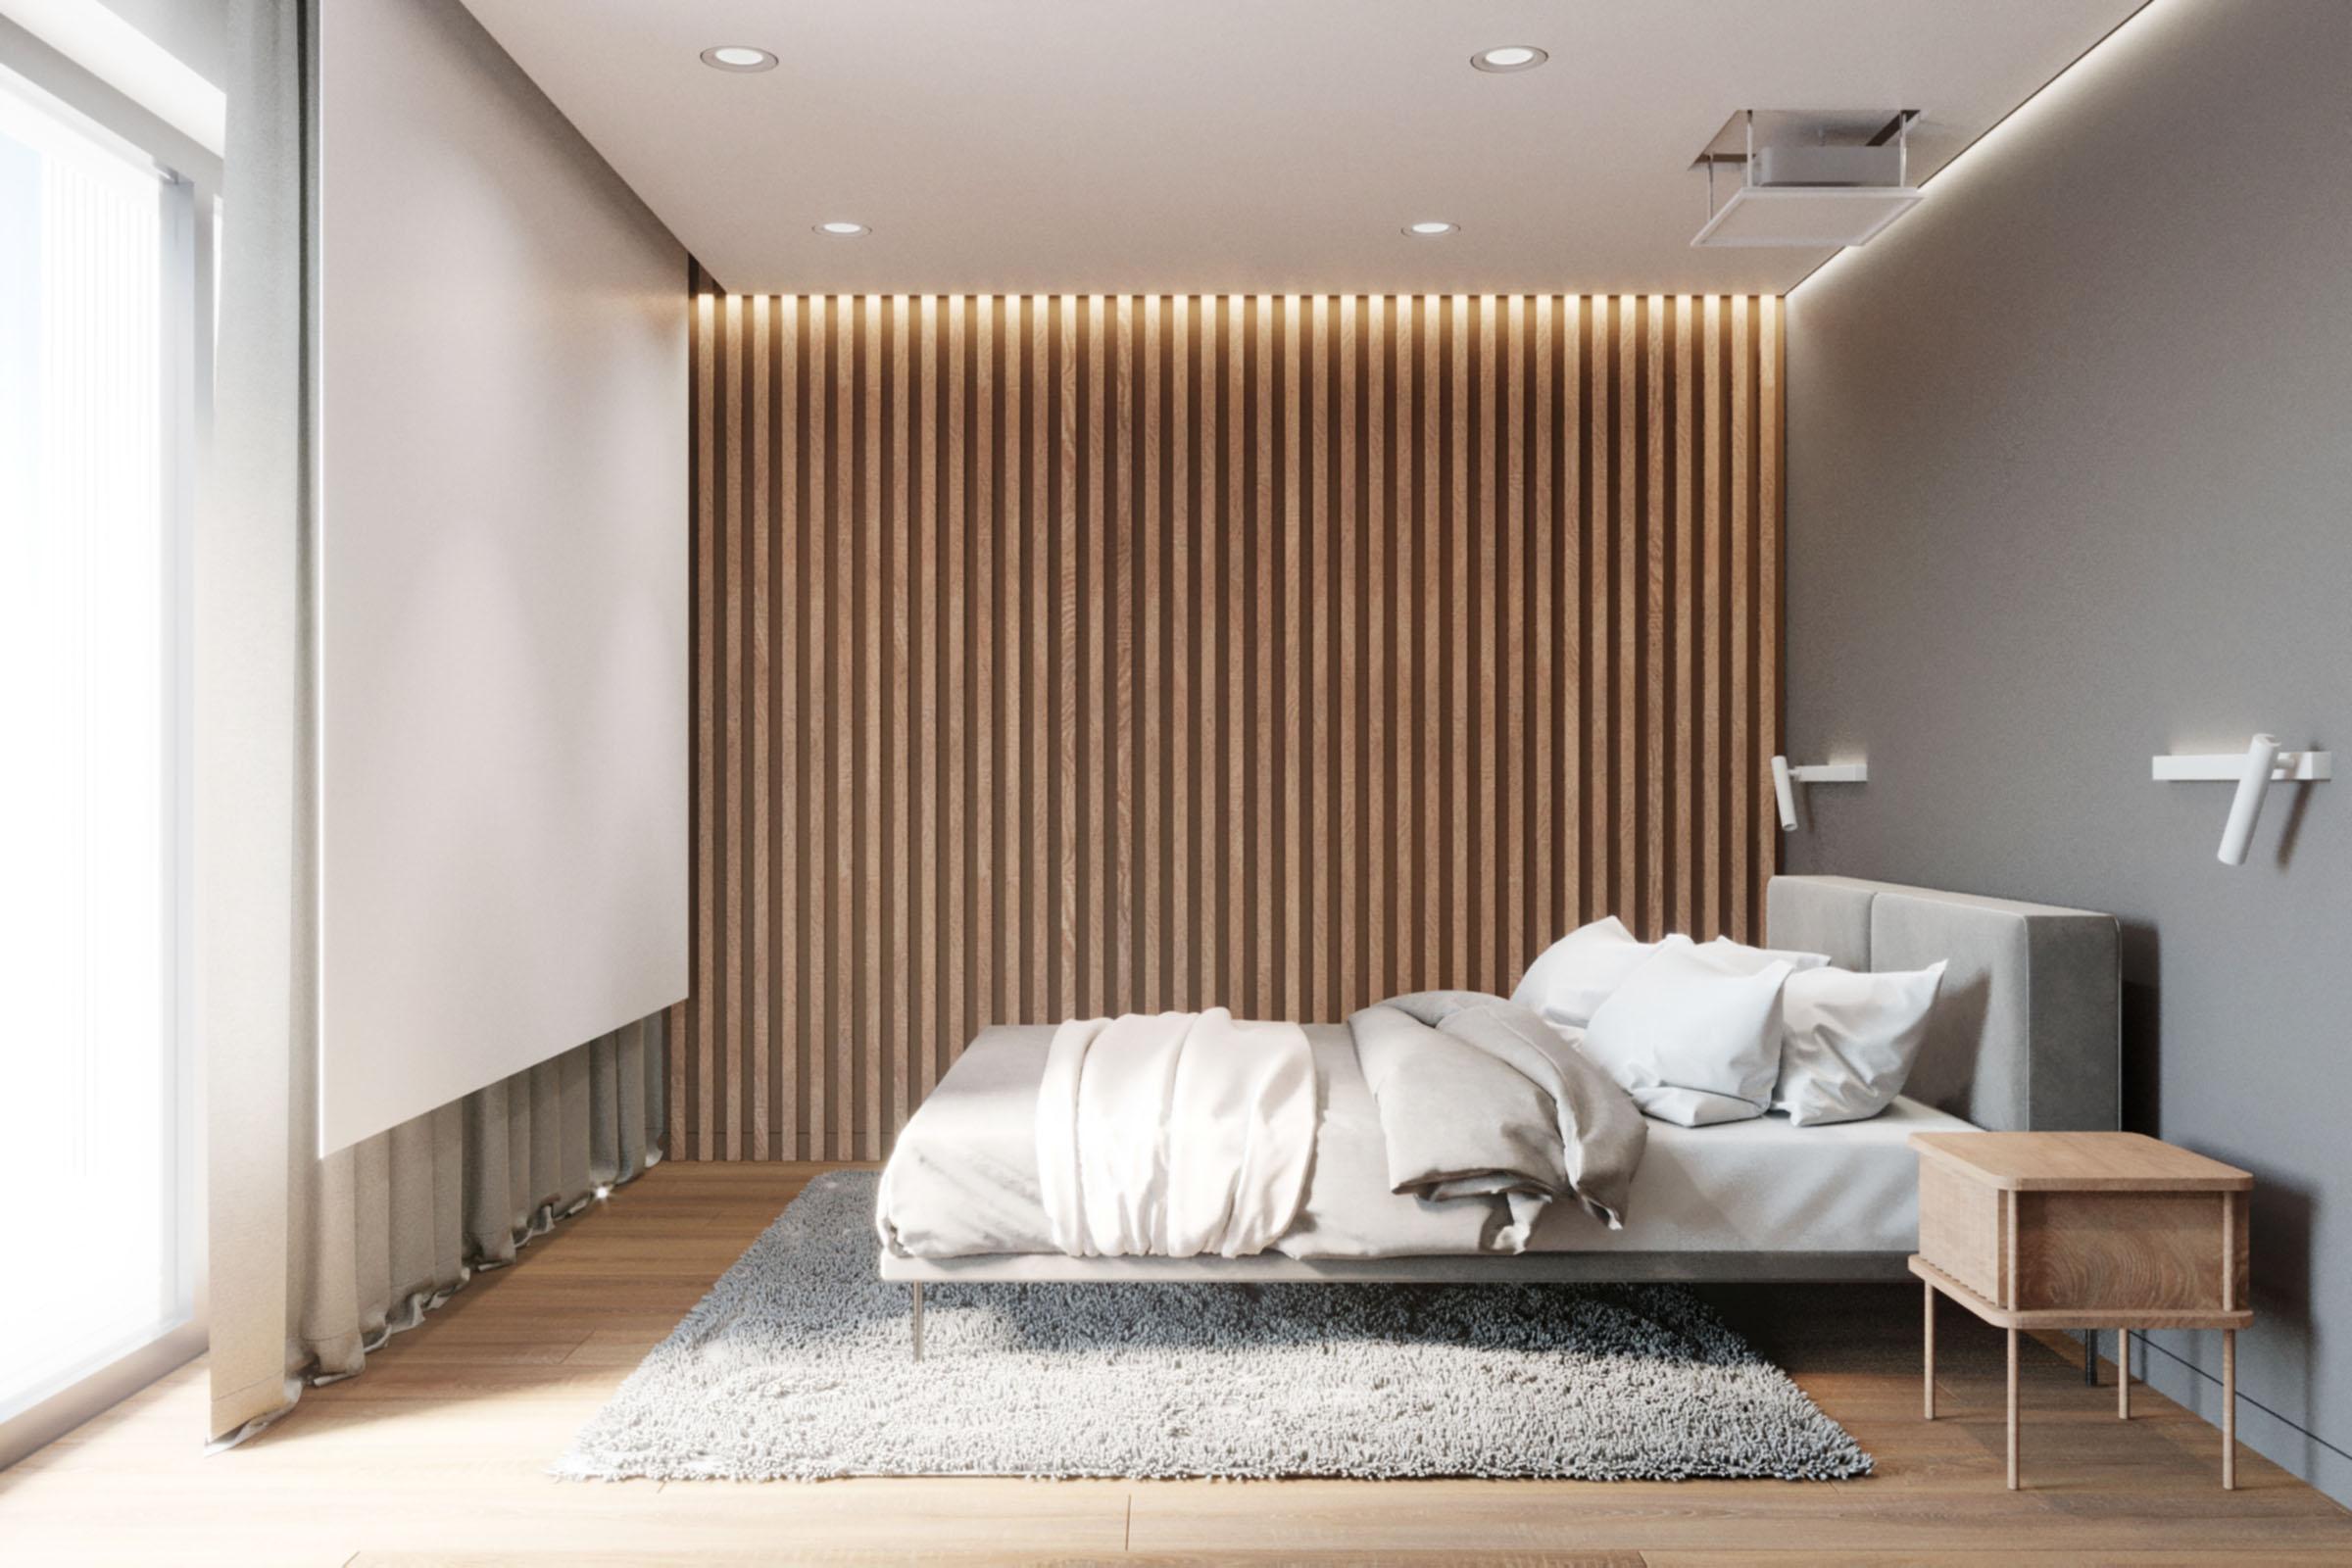 projekt-nowoczesnej sypialni architekt poznań